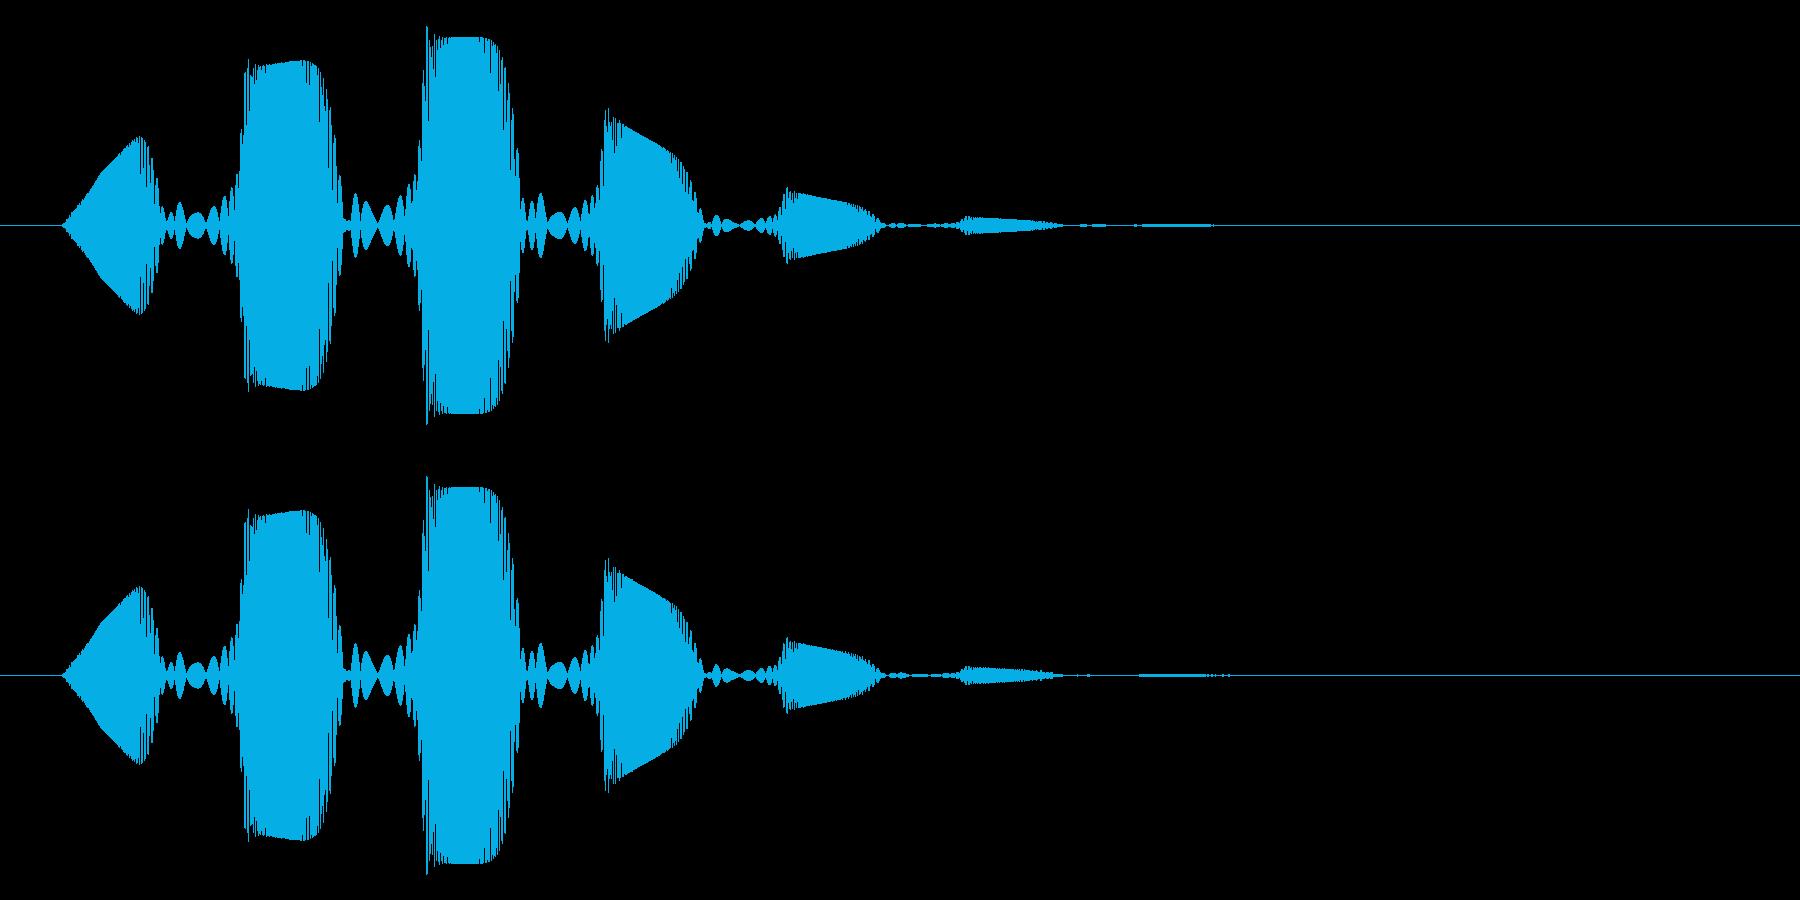 プヨヨン(柔らかい・揺れる・スライム)の再生済みの波形